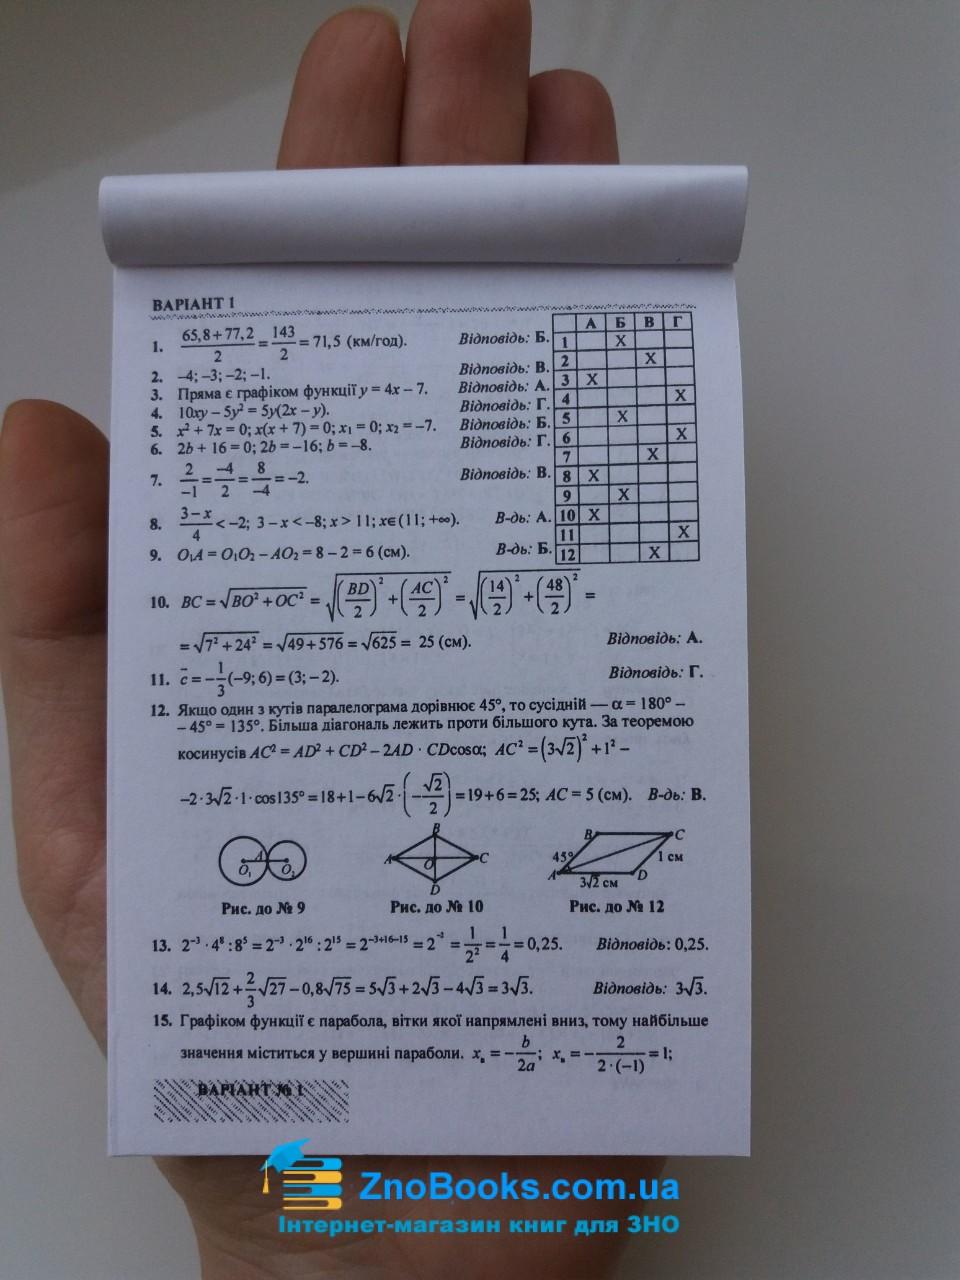 ШПАРГАЛКА. Відповіді для ДПА 2019 з математики 9 клас (до збірника О. С. Істера). Купити 1